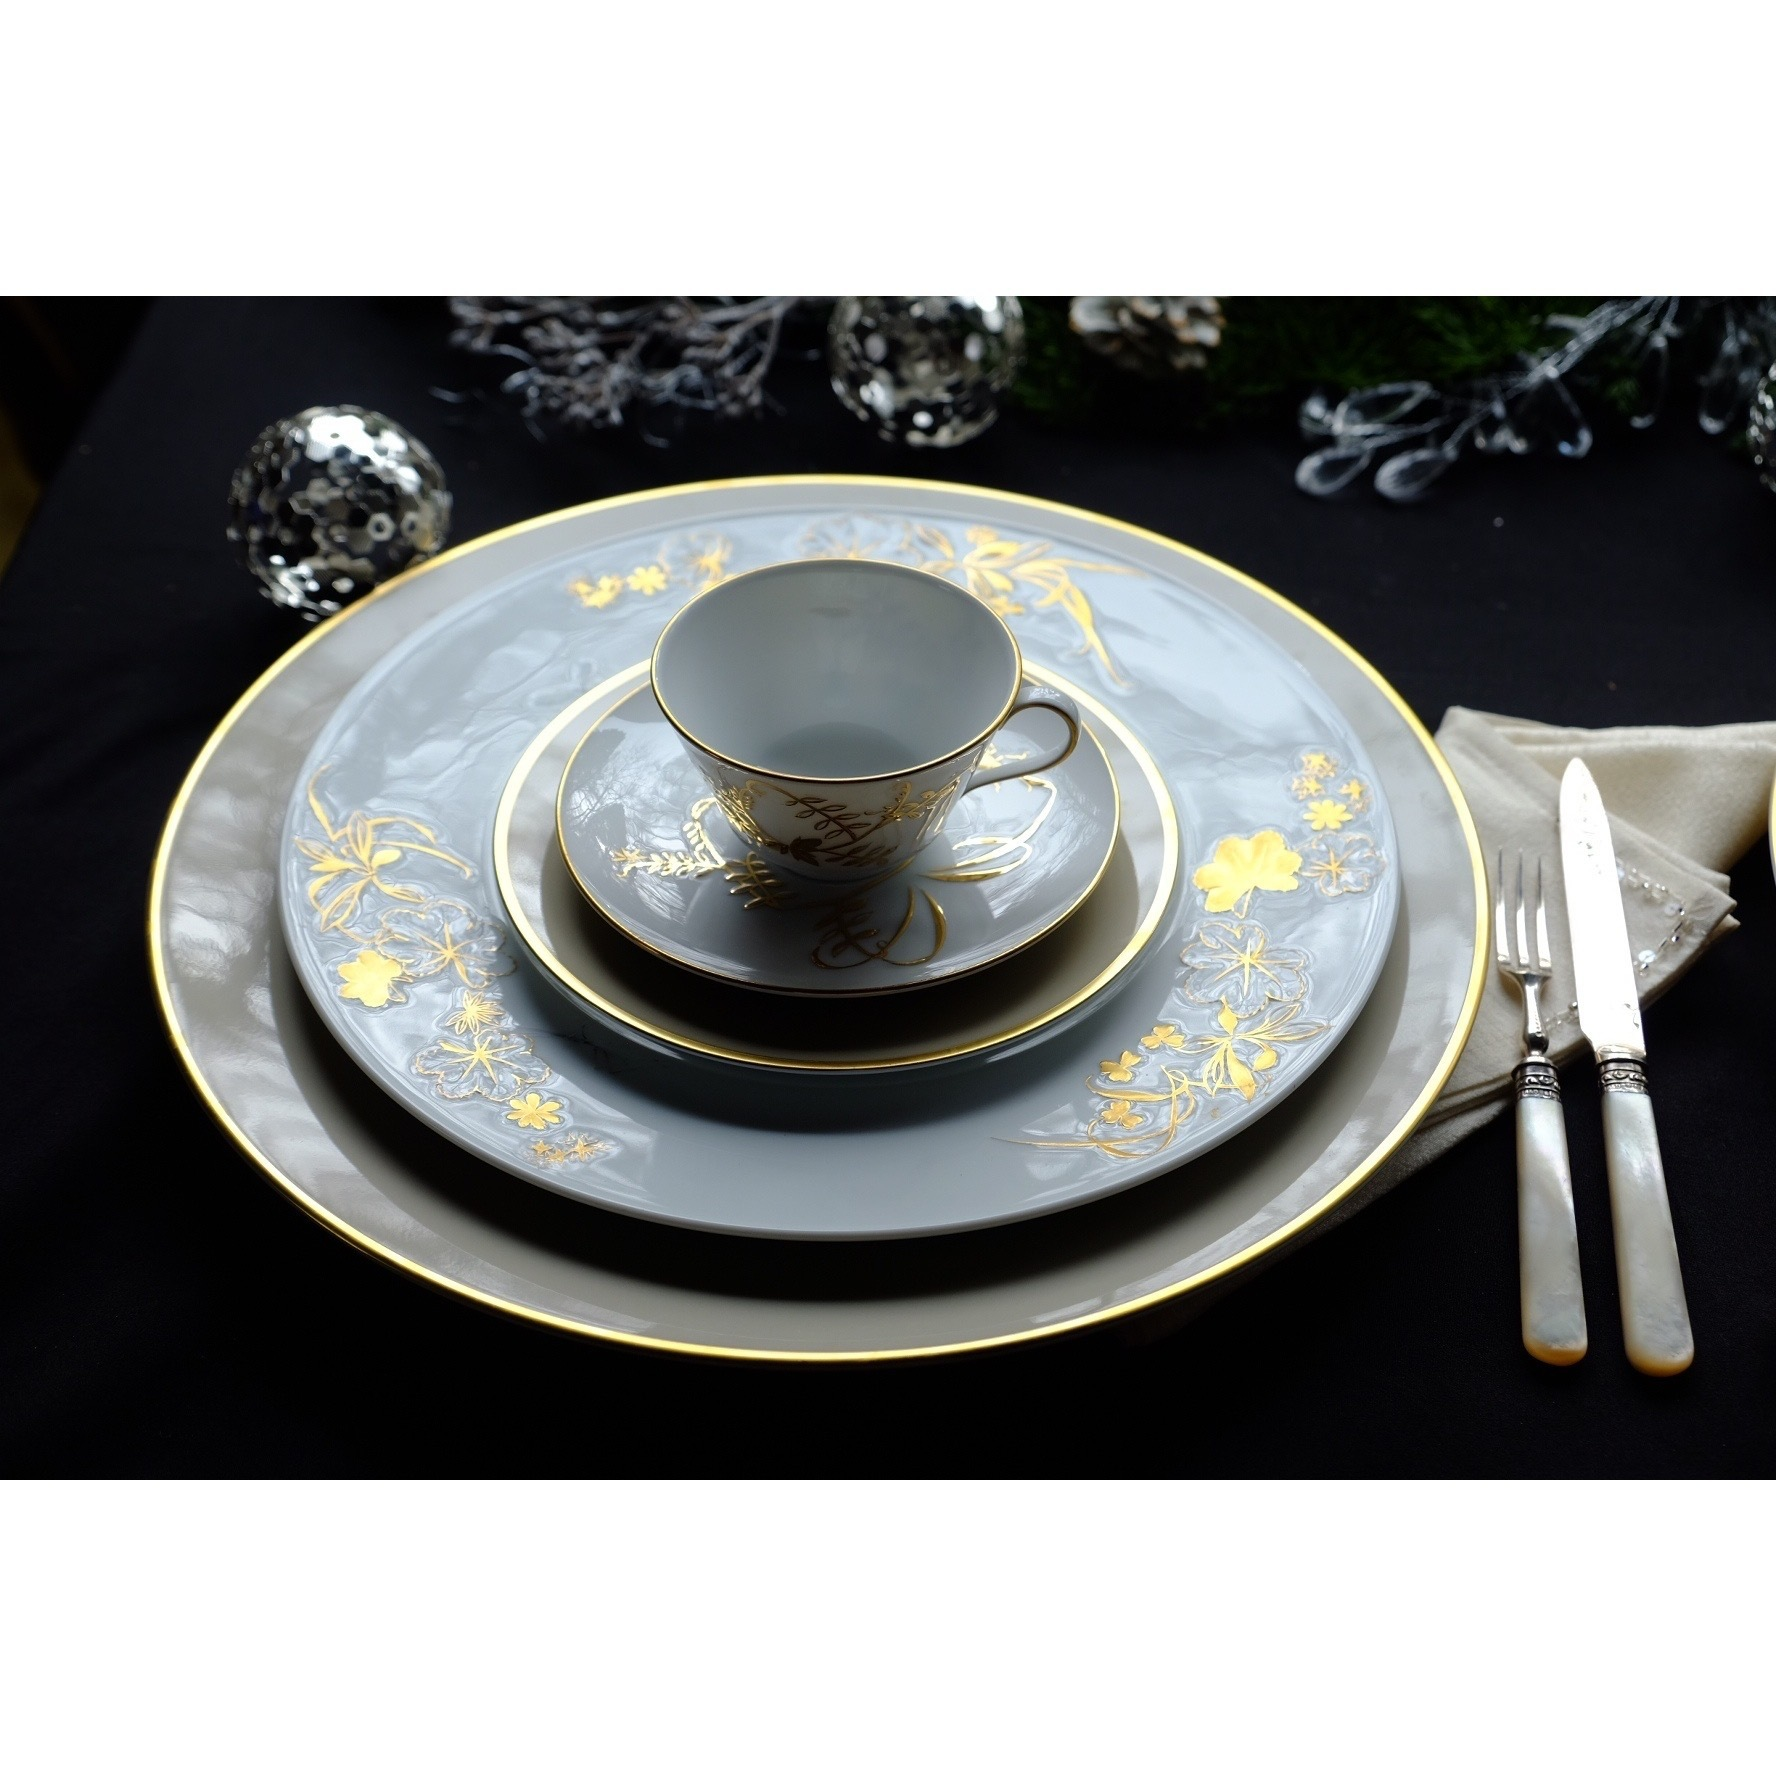 ボンモモンのクリスマスケーキ_a0335867_00322106.jpeg